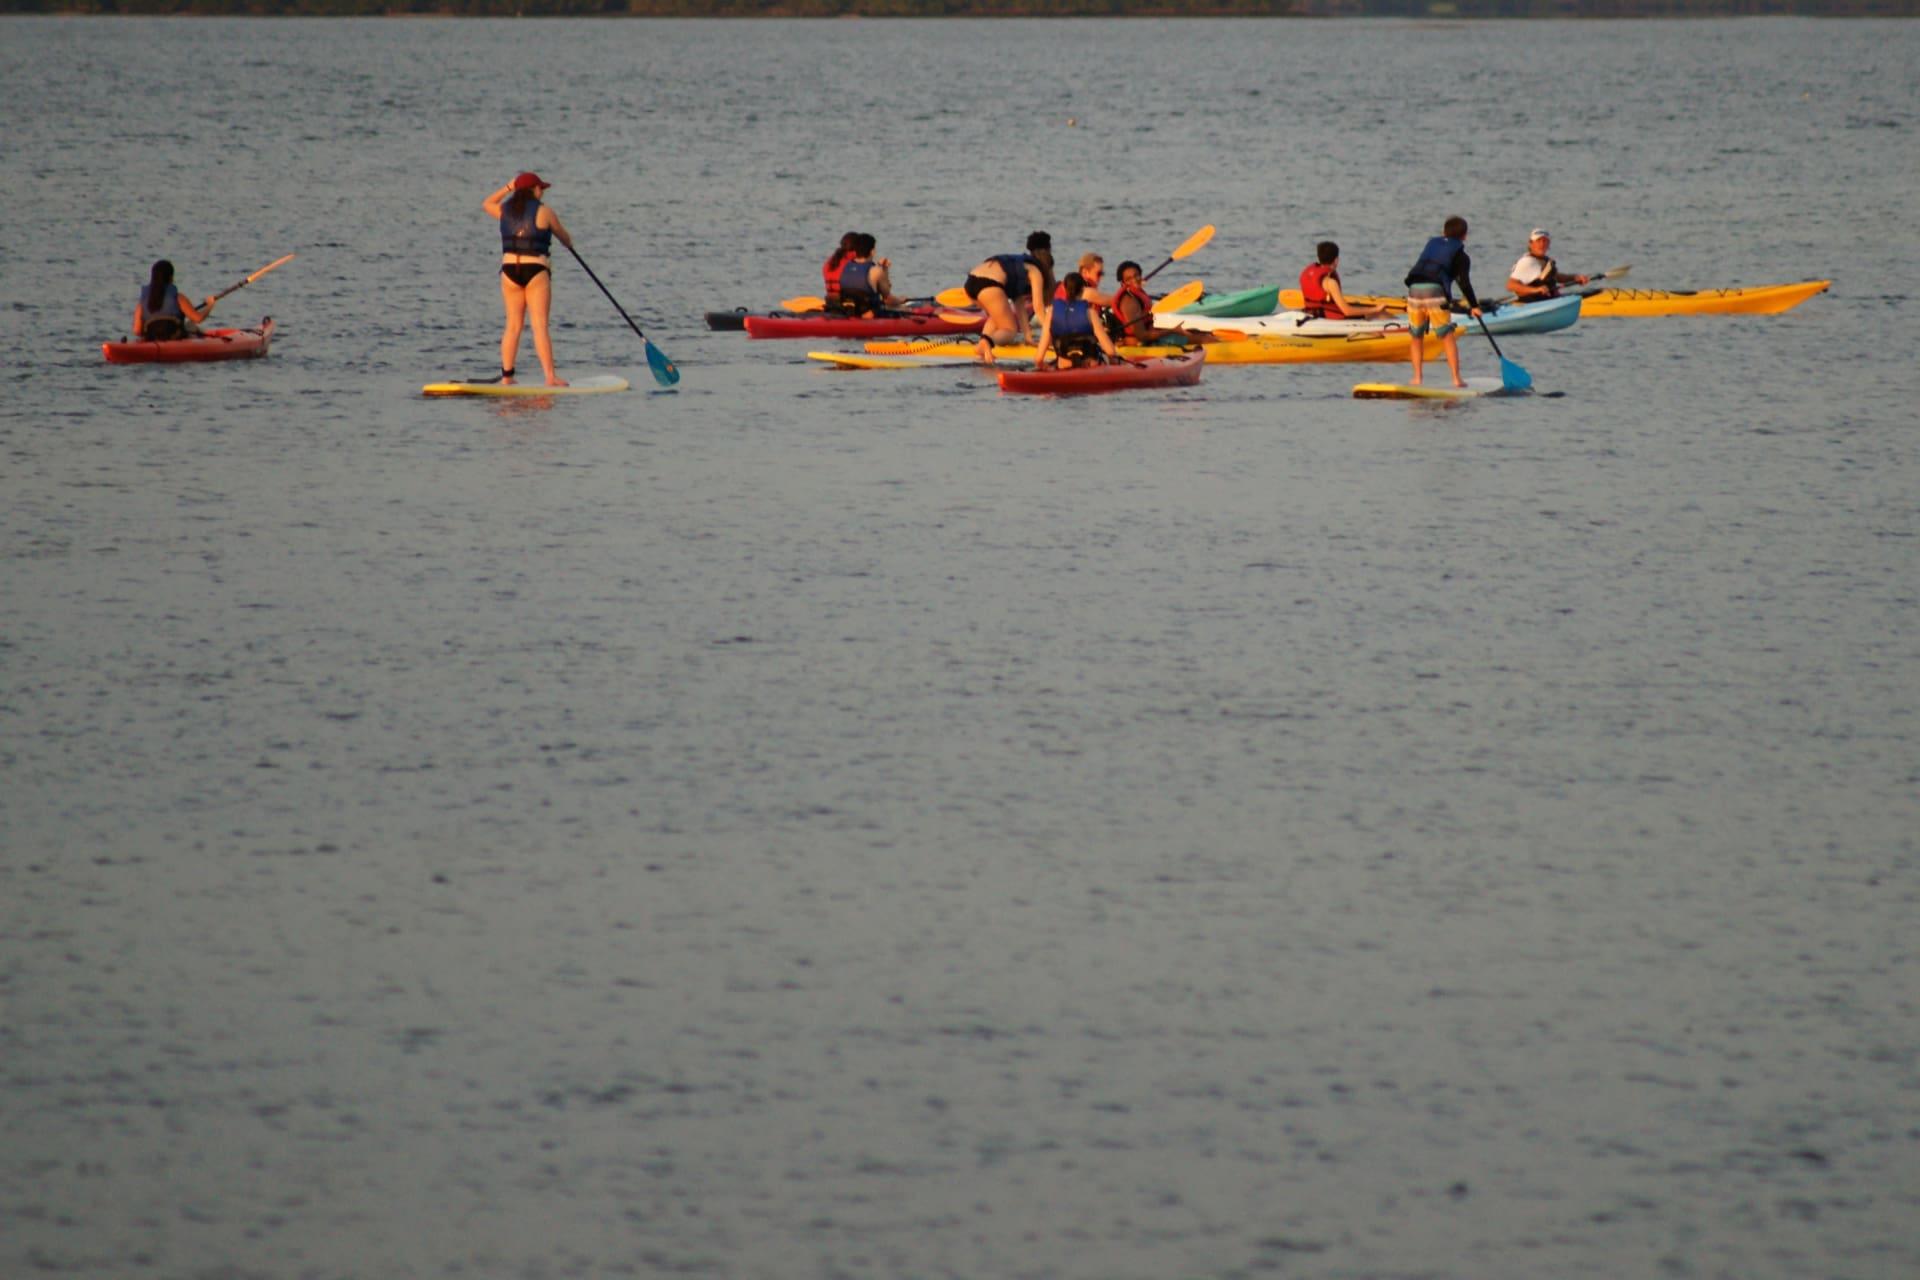 Kayak-Collisions.JPG-w1920.jpg